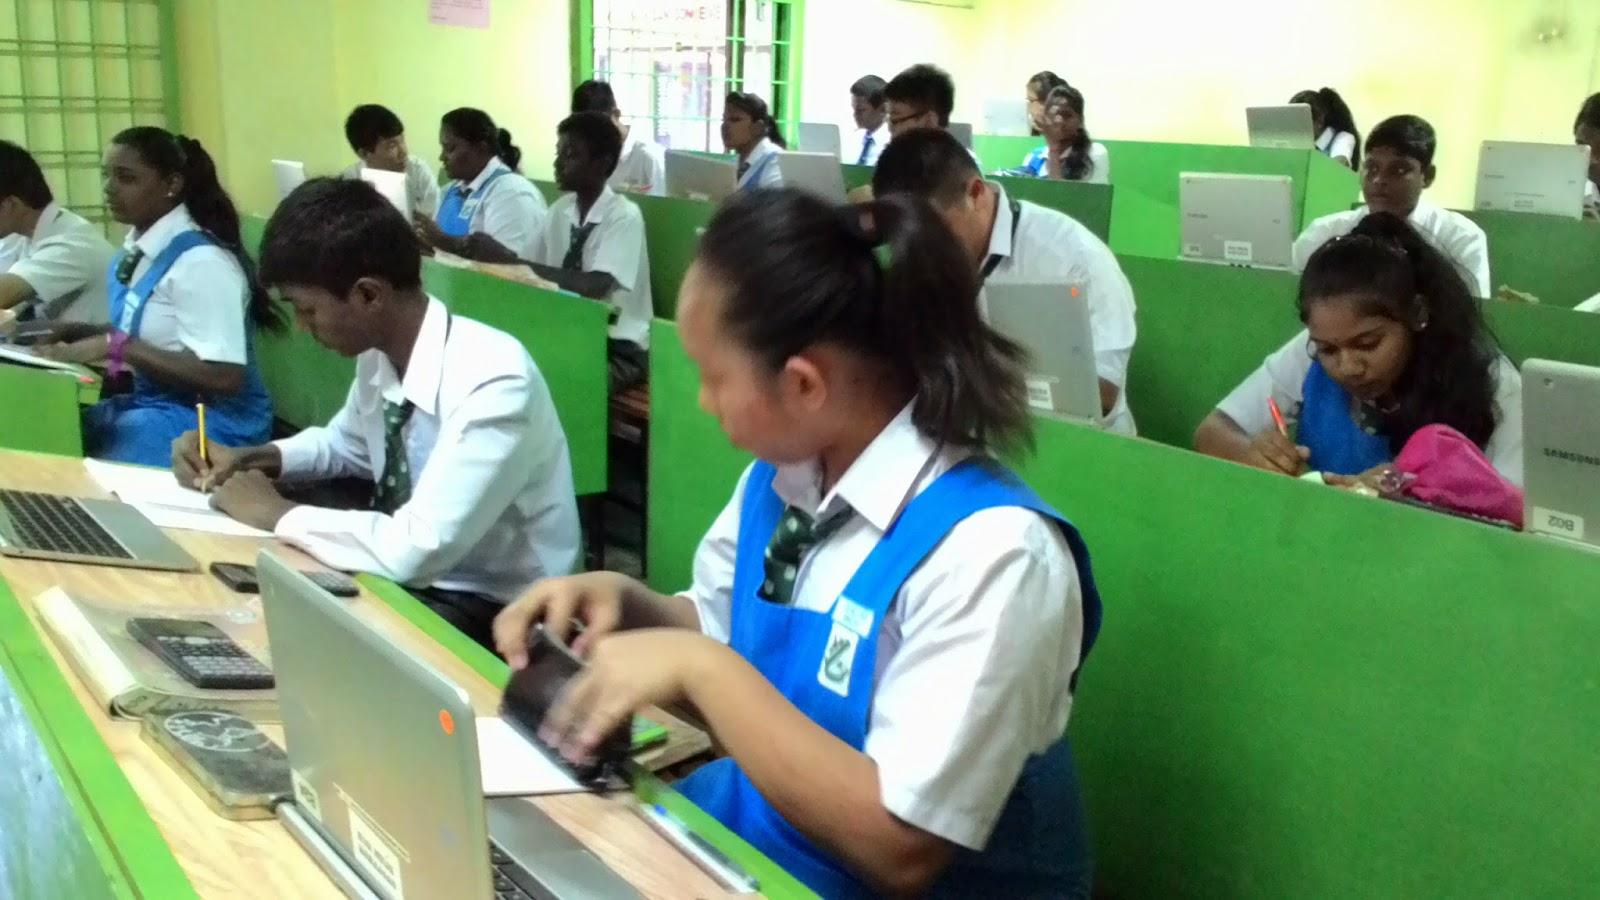 SMK St Theresa, Sungai Petani, Kedah DA: PdP Menggunakan Frog VLE